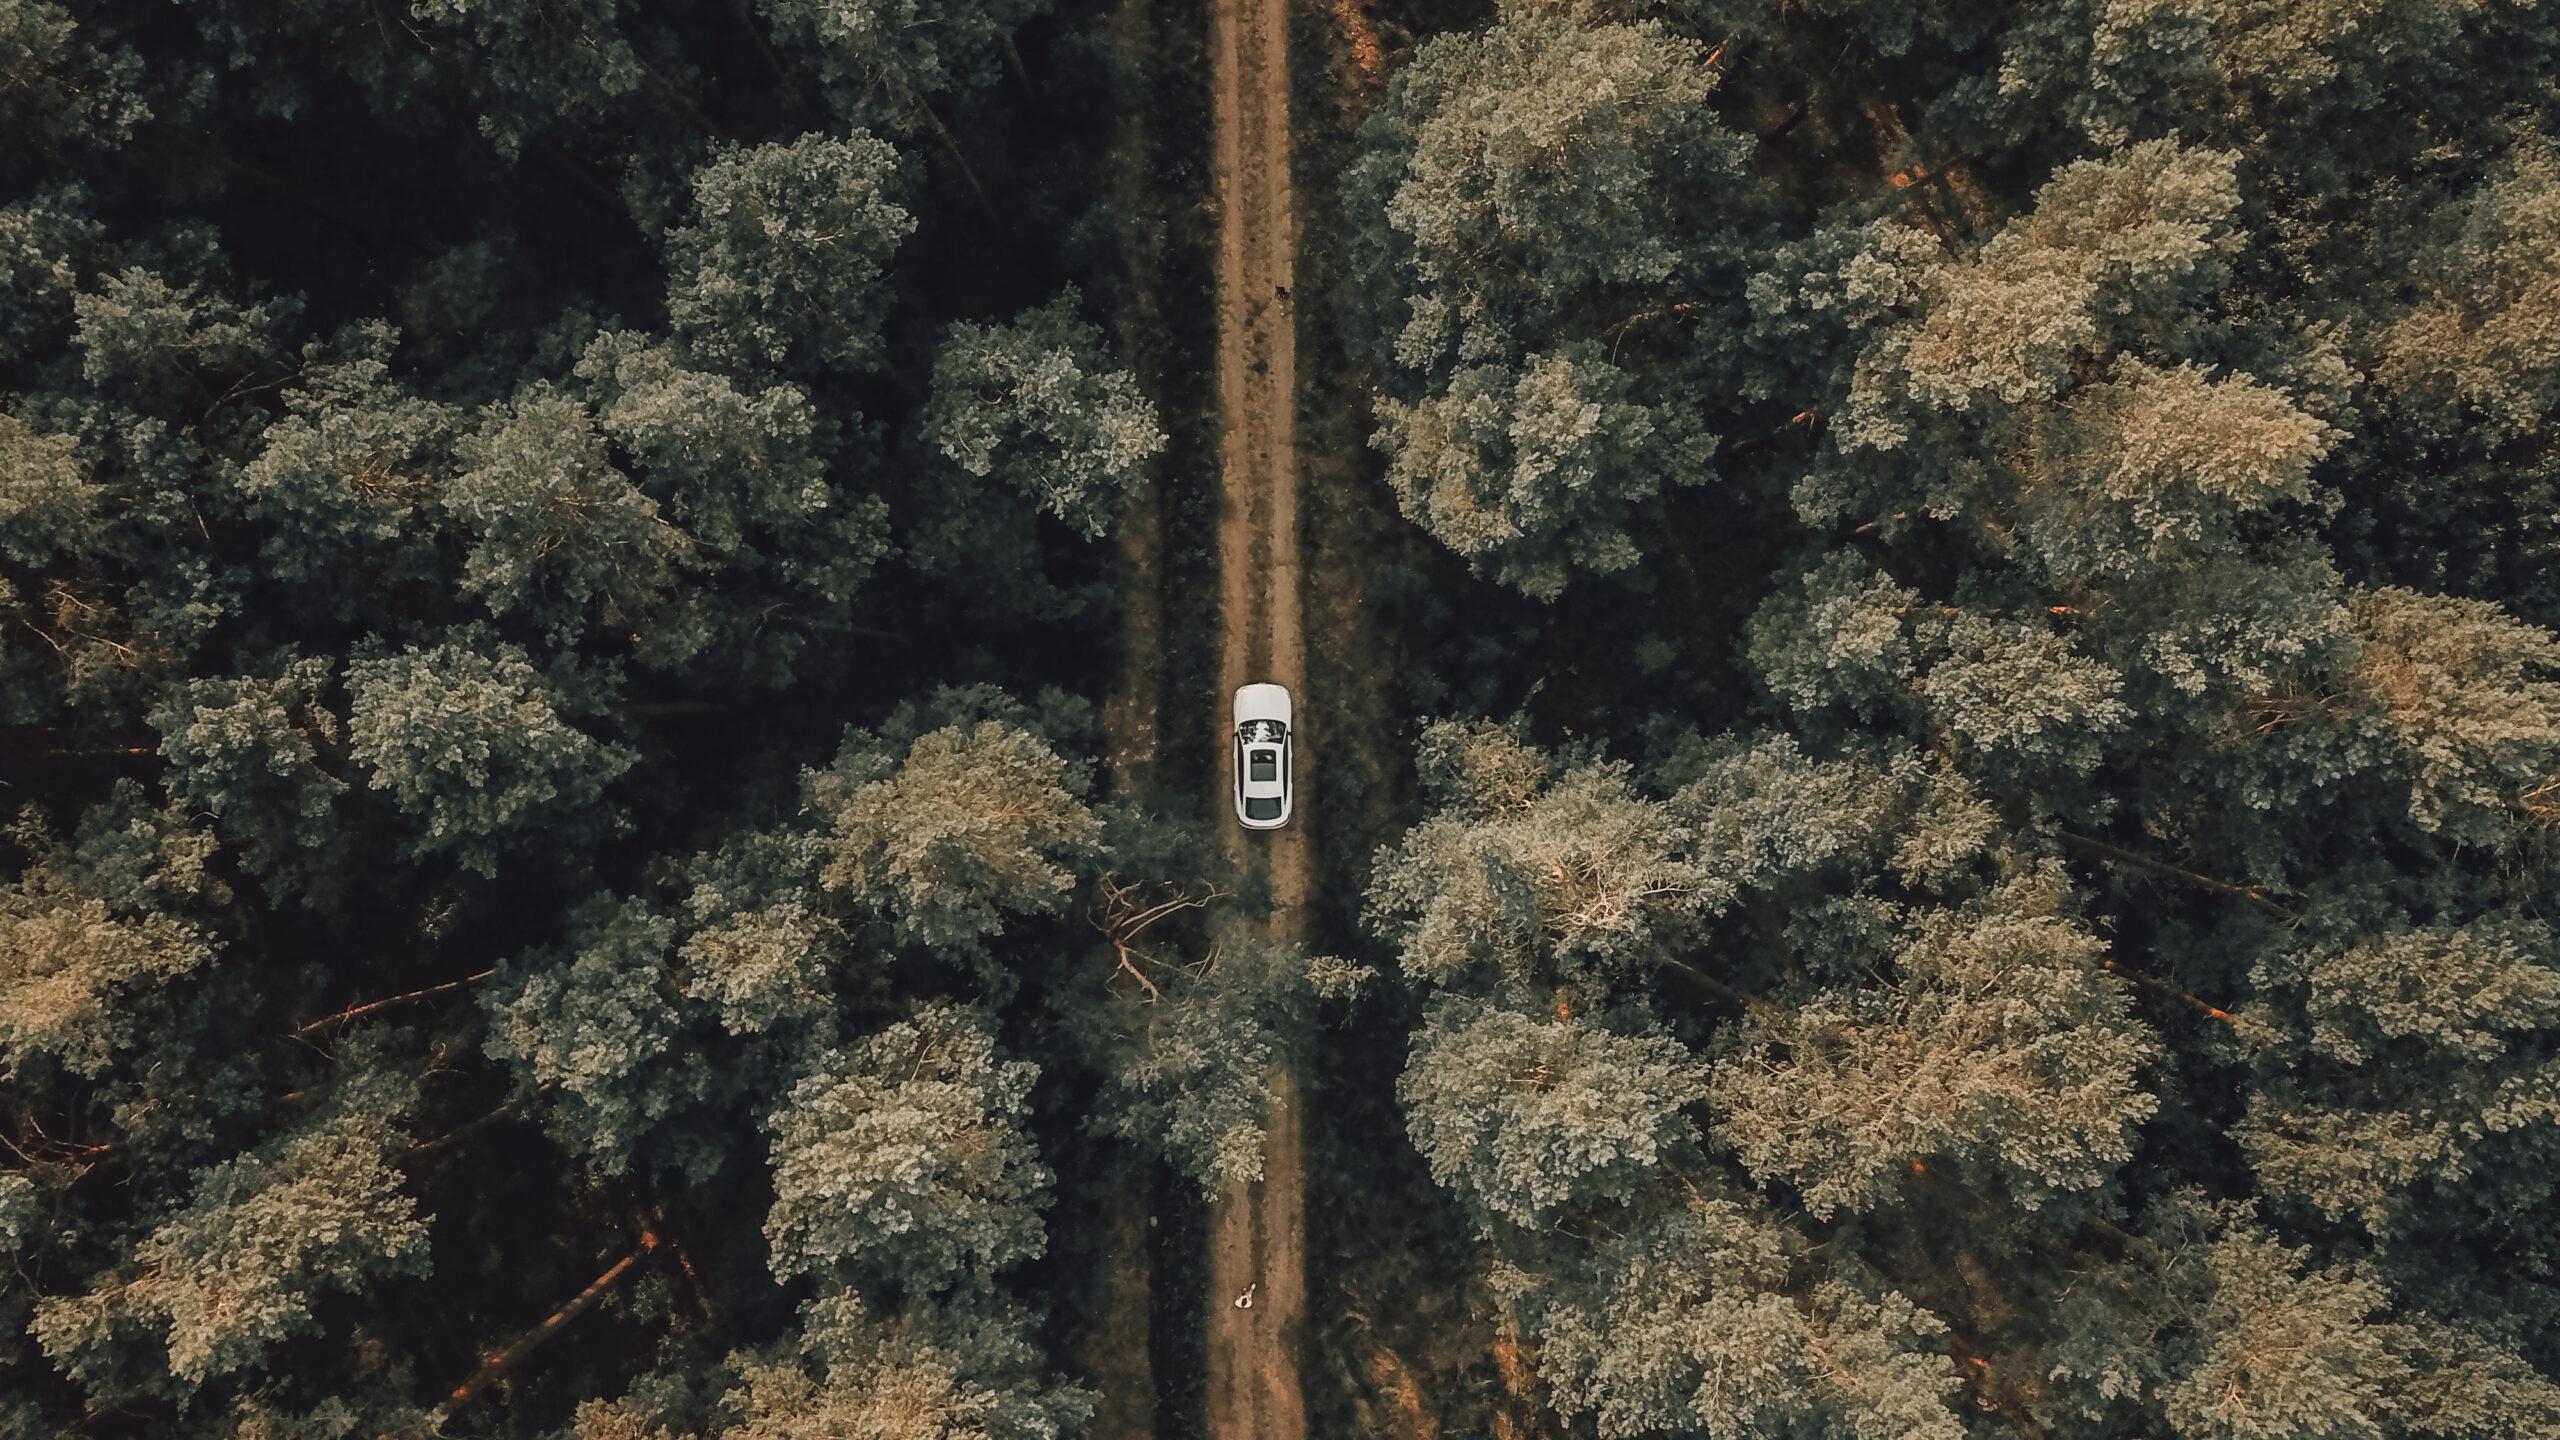 Naar Neder-Silezië in Polen met de elektrische auto